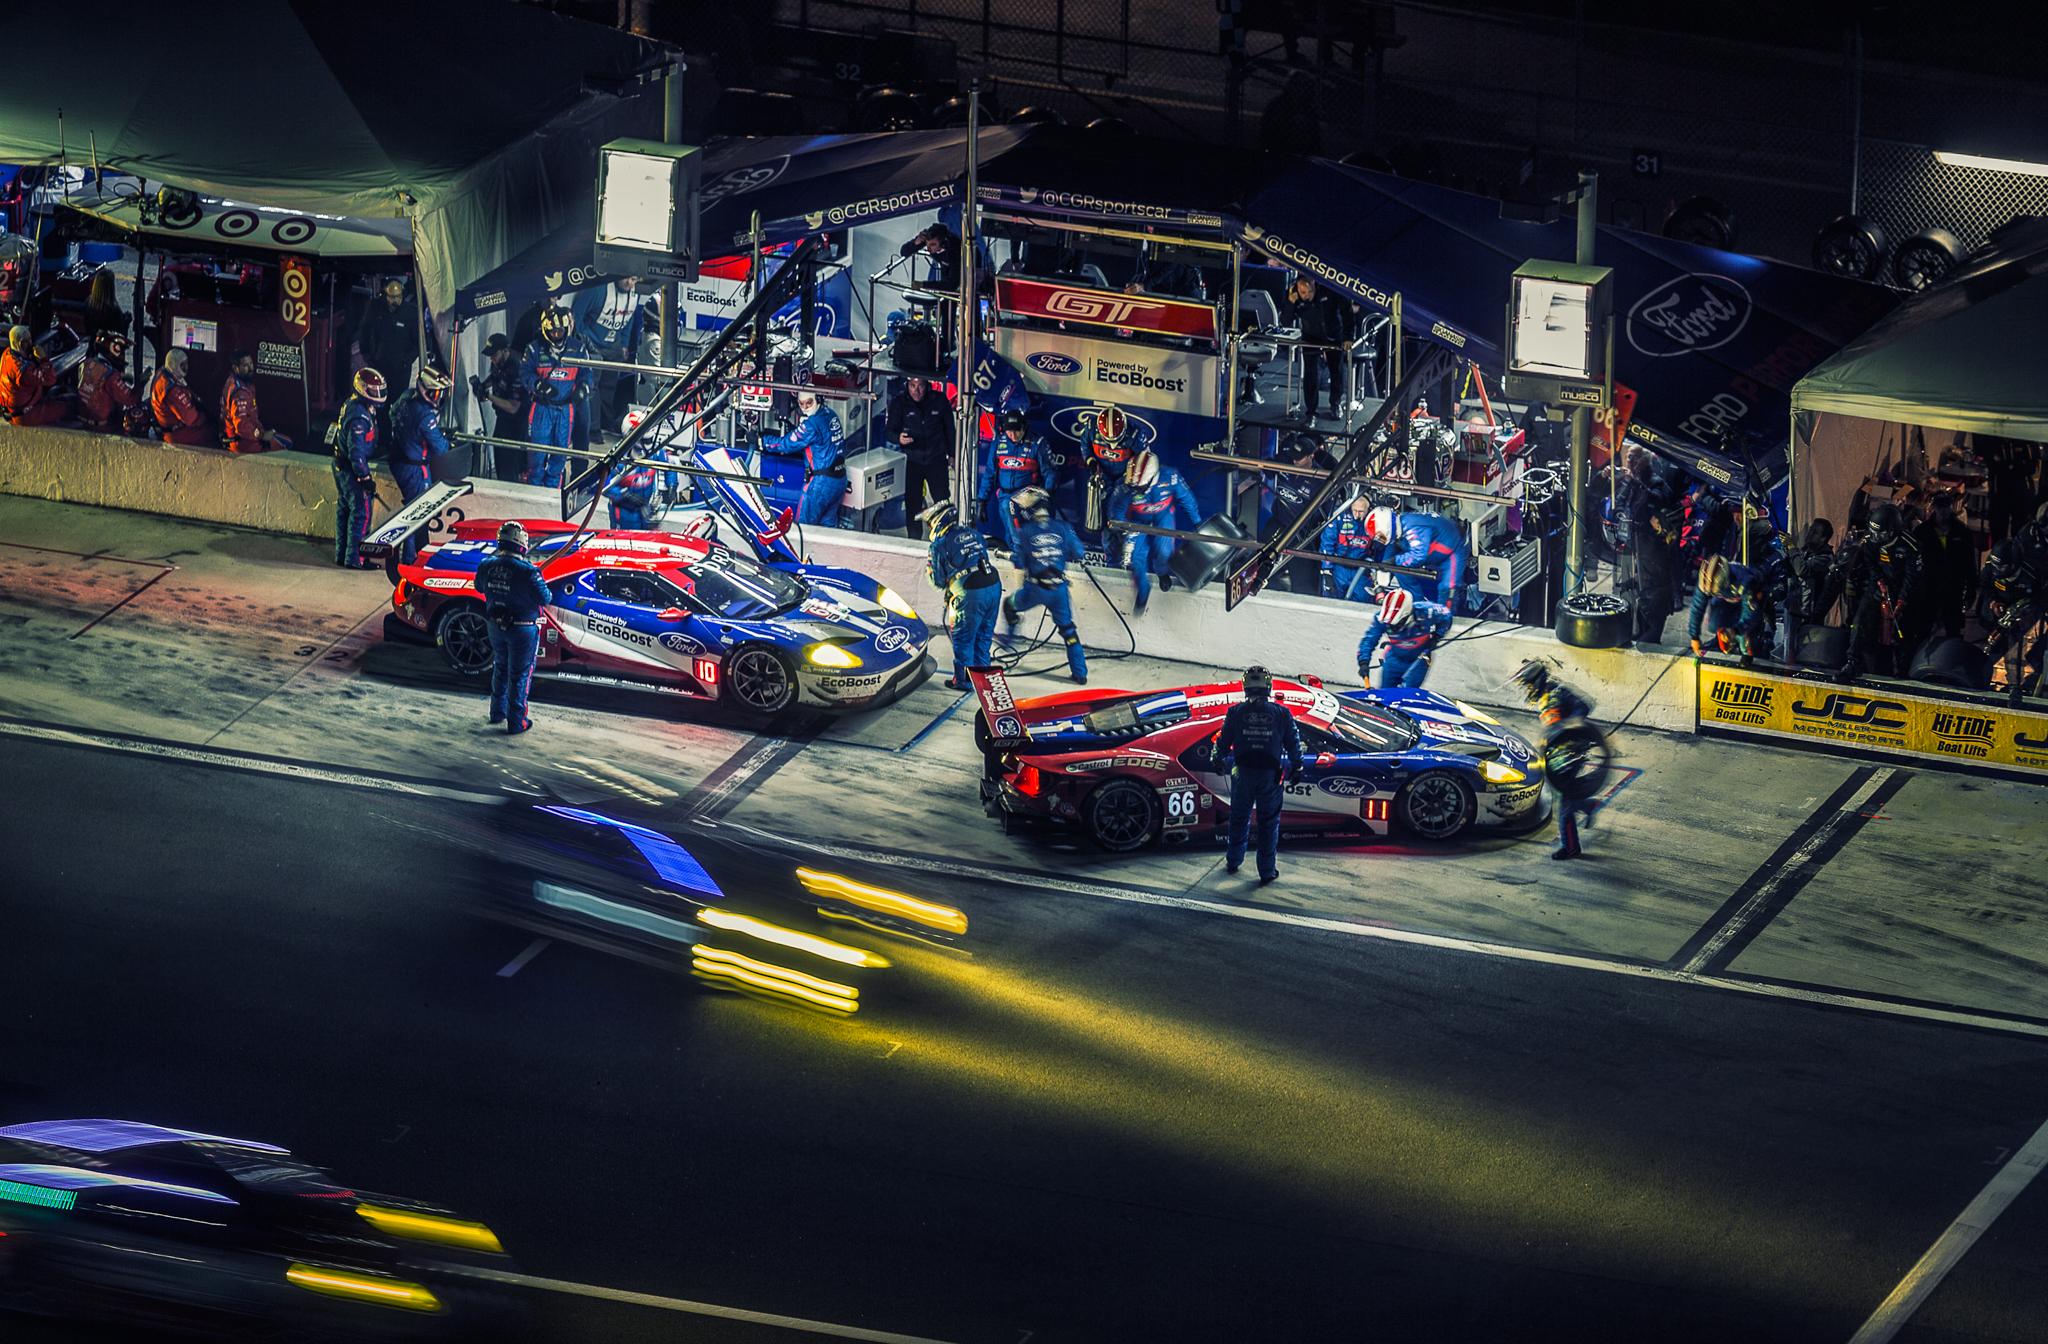 Daytona 24HR